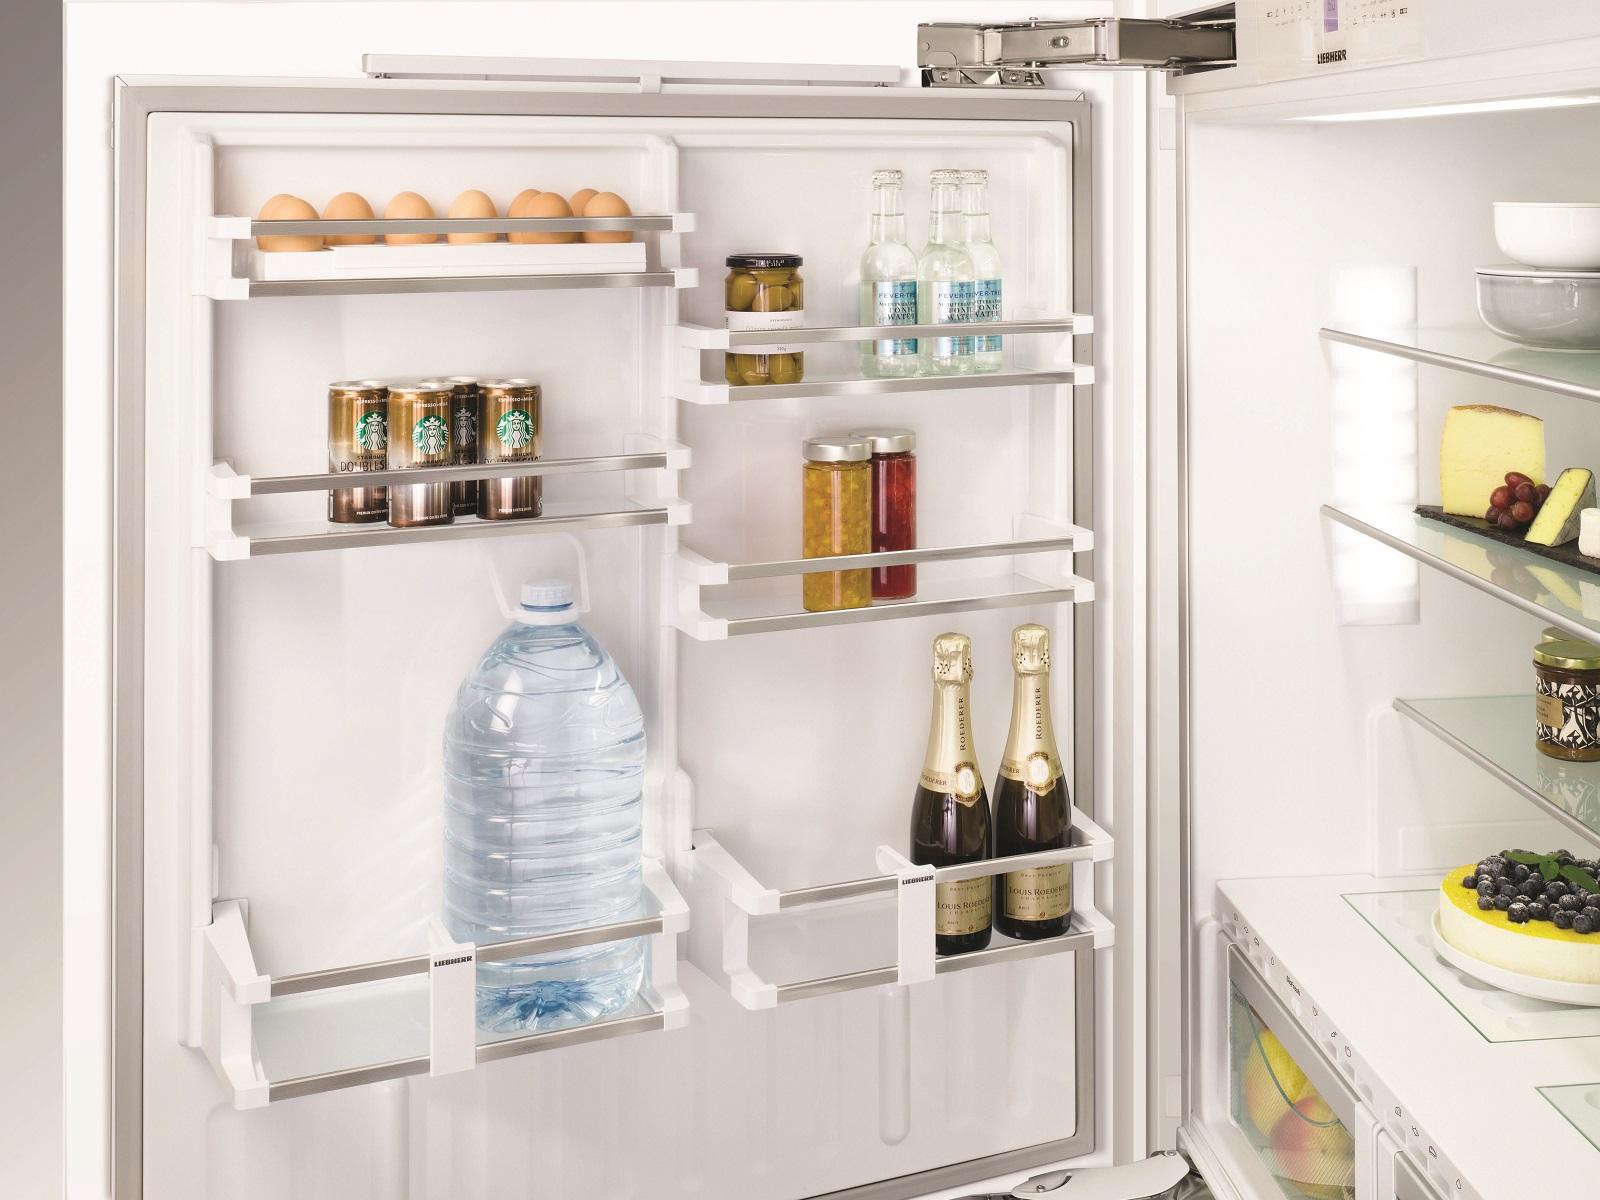 купить Встраиваемый двухкамерный холодильник Liebherr ECBN 6156 617 Украина фото 7